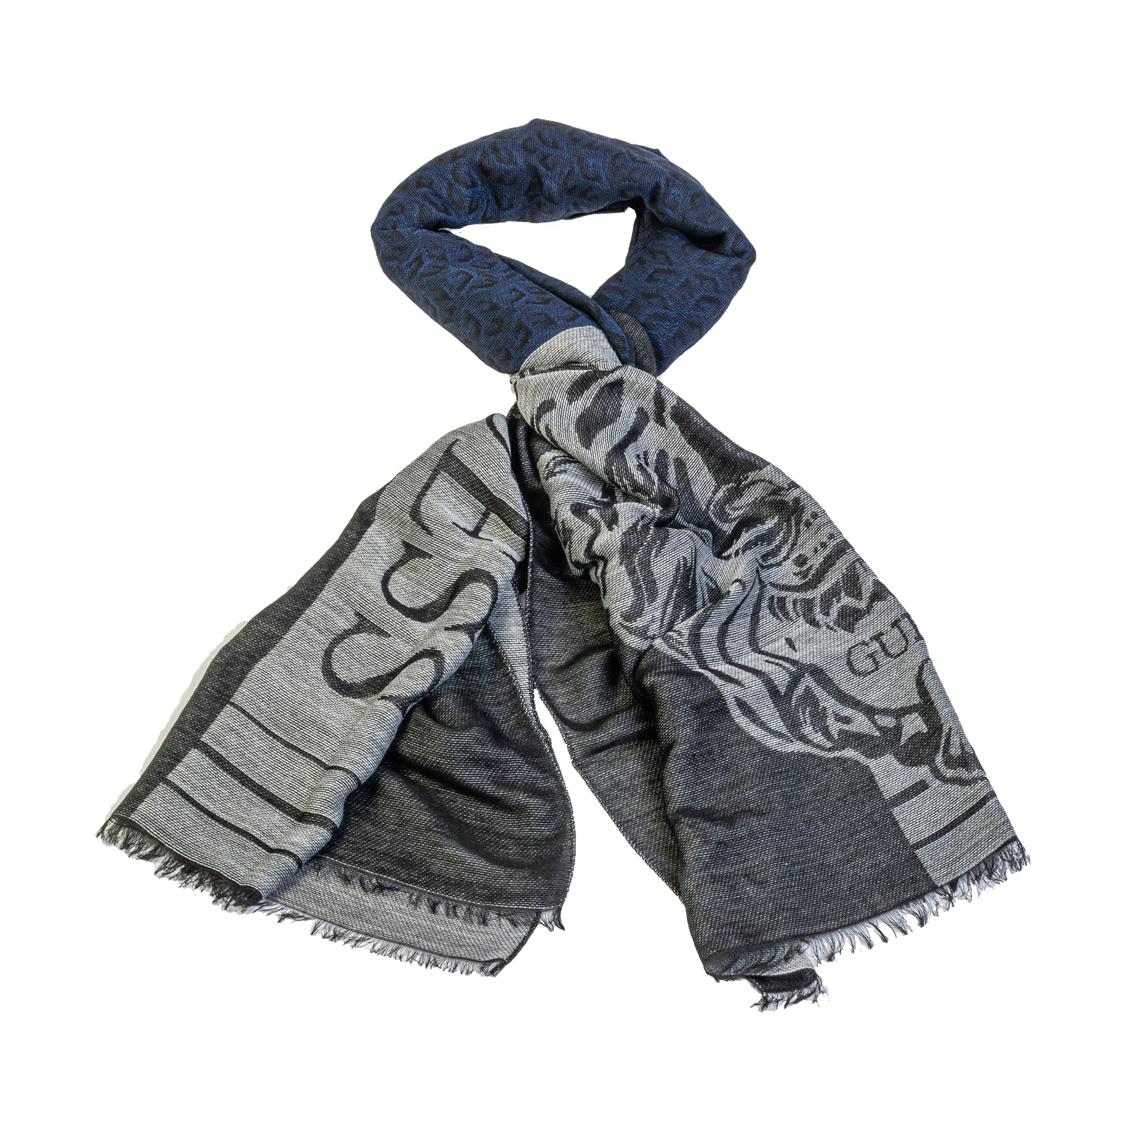 Chèche Guess noir chiné et bleu chiné à tête de lion grise